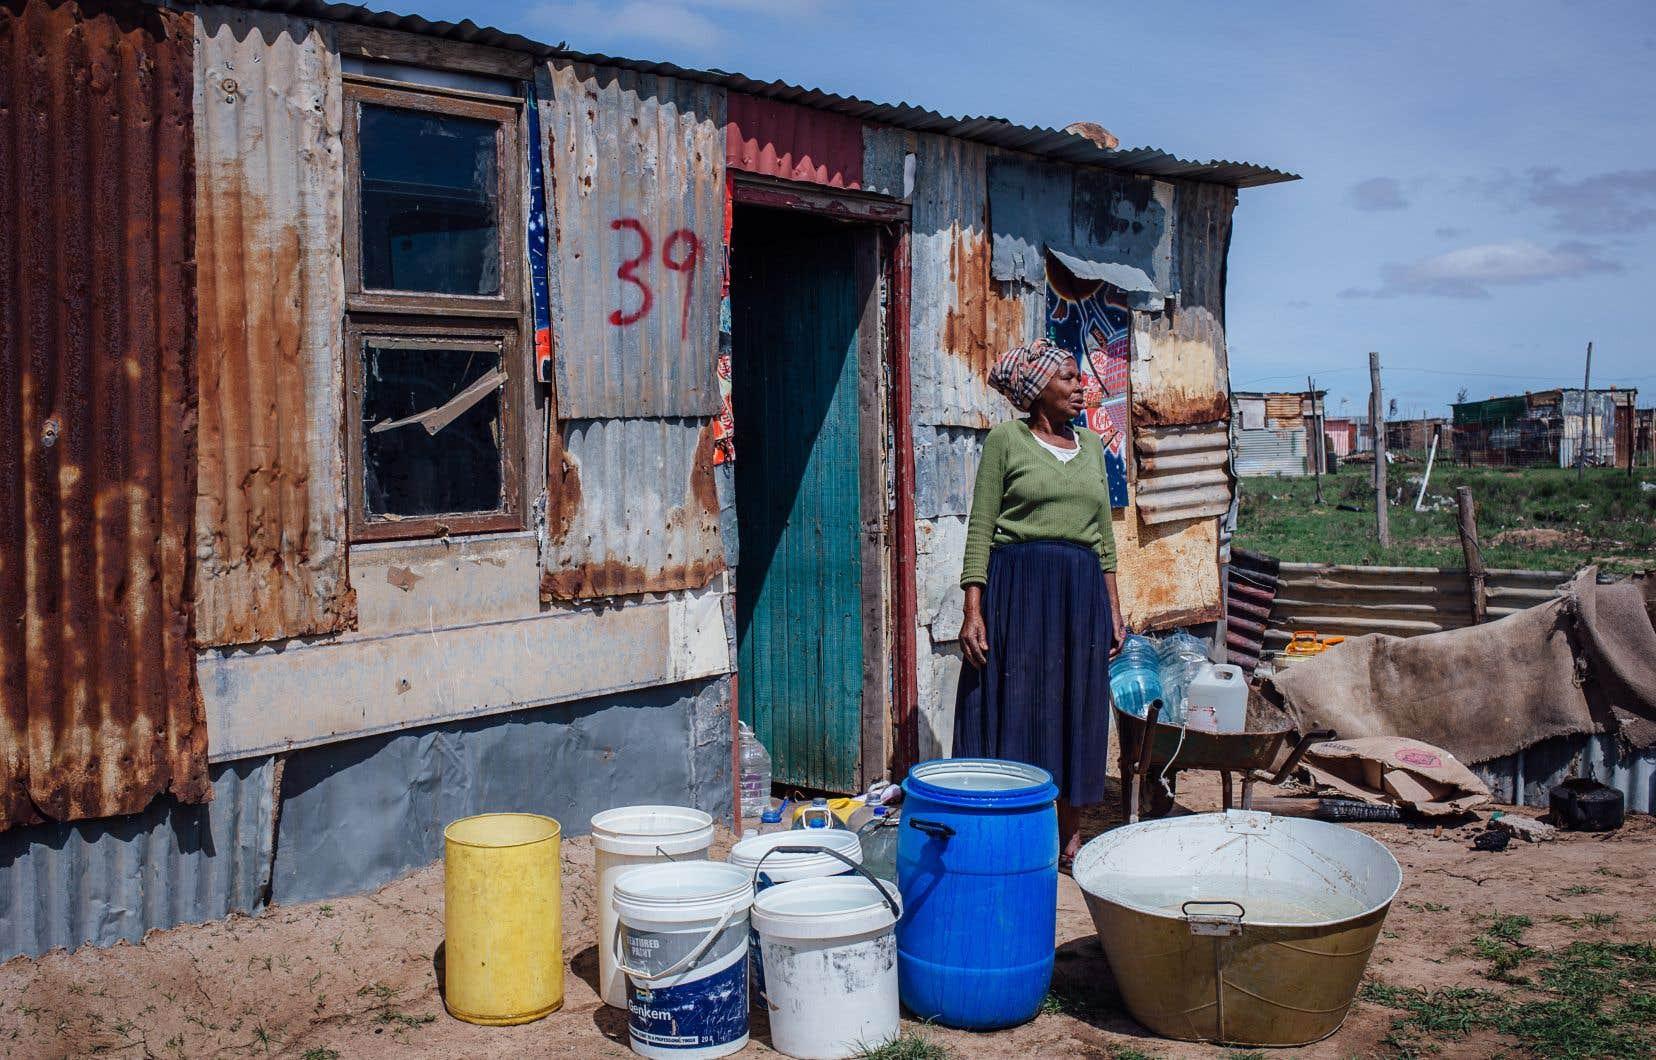 Grandma, une habitante du bidonville de Nkanin, en périphérie de Makhanda, entourée de tous les contenants d'eau potable qu'elle a pu réunir.